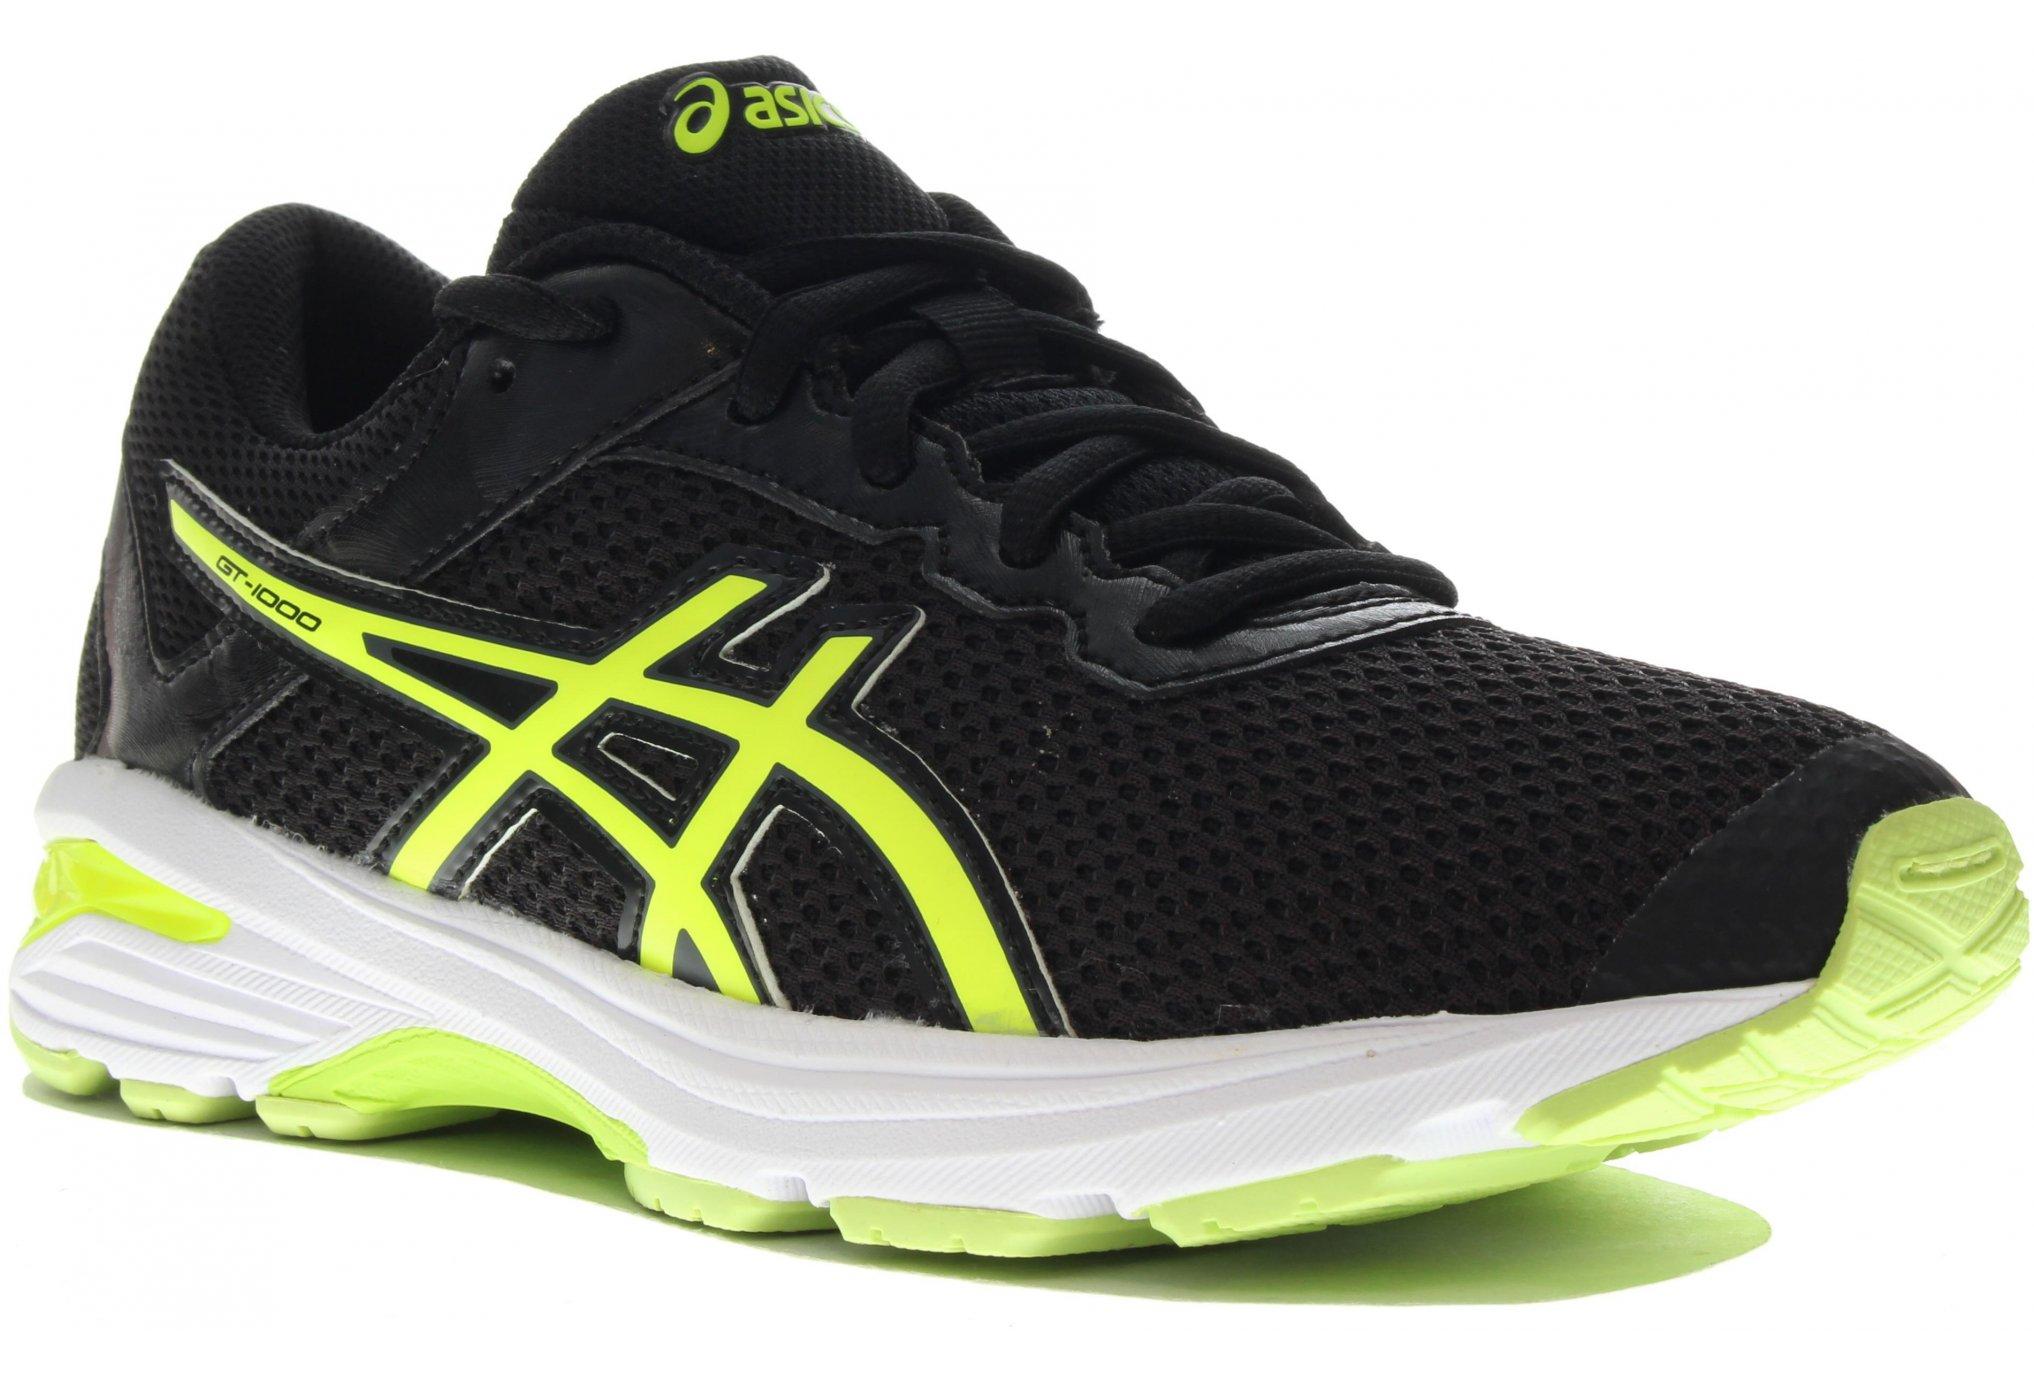 602cbacc3 Outlet de zapatillas de running Asics talla 35 baratas - Ofertas ...